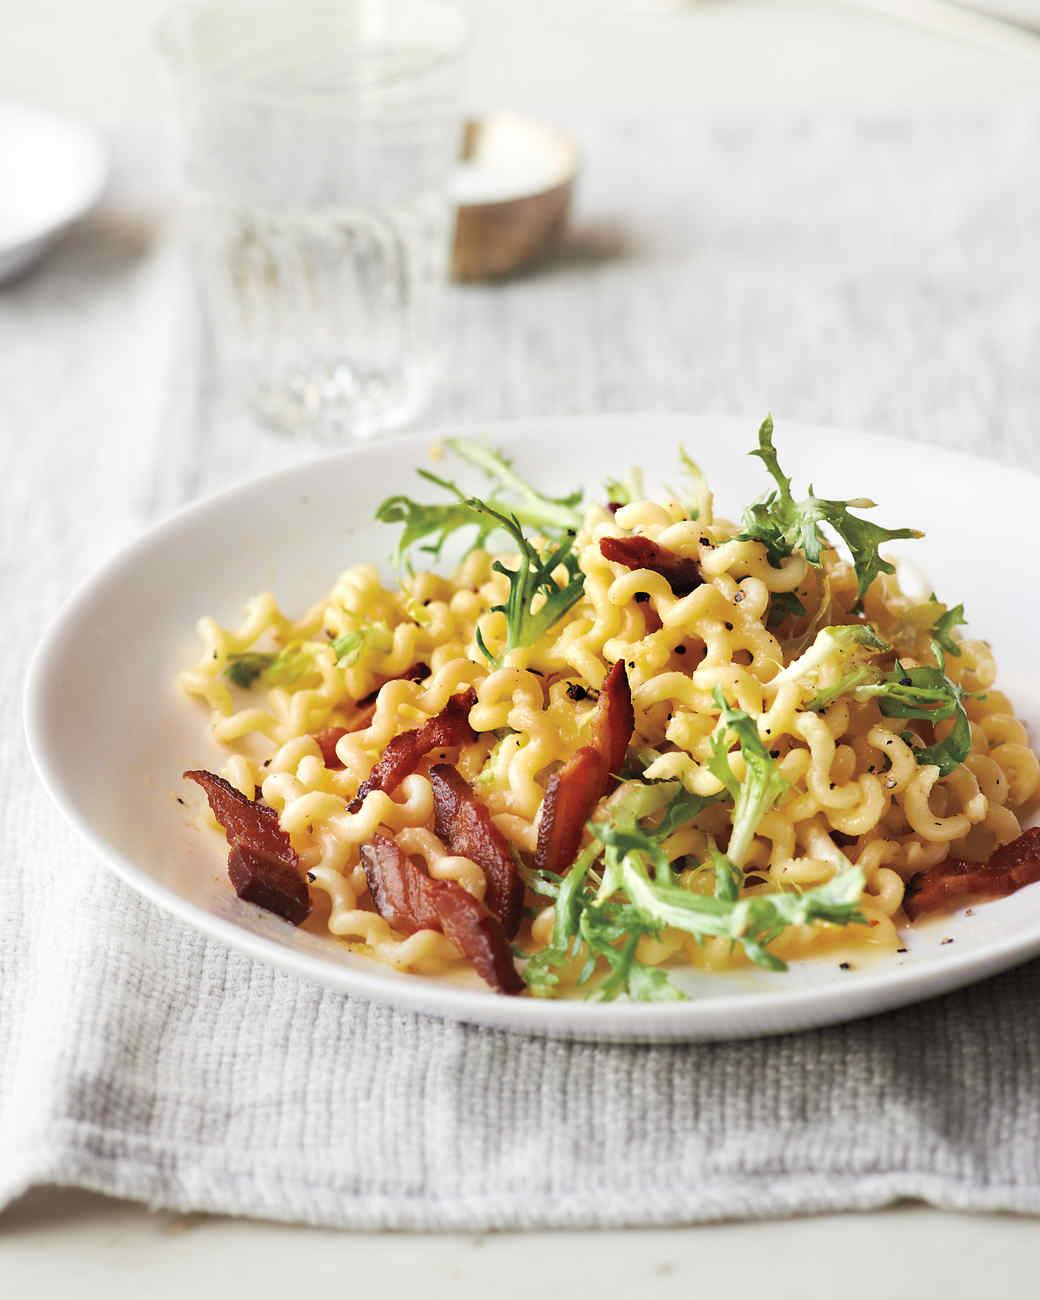 msl-food-entertaining-whats-for-dinner-noodles-cavatappi-md110135.jpg